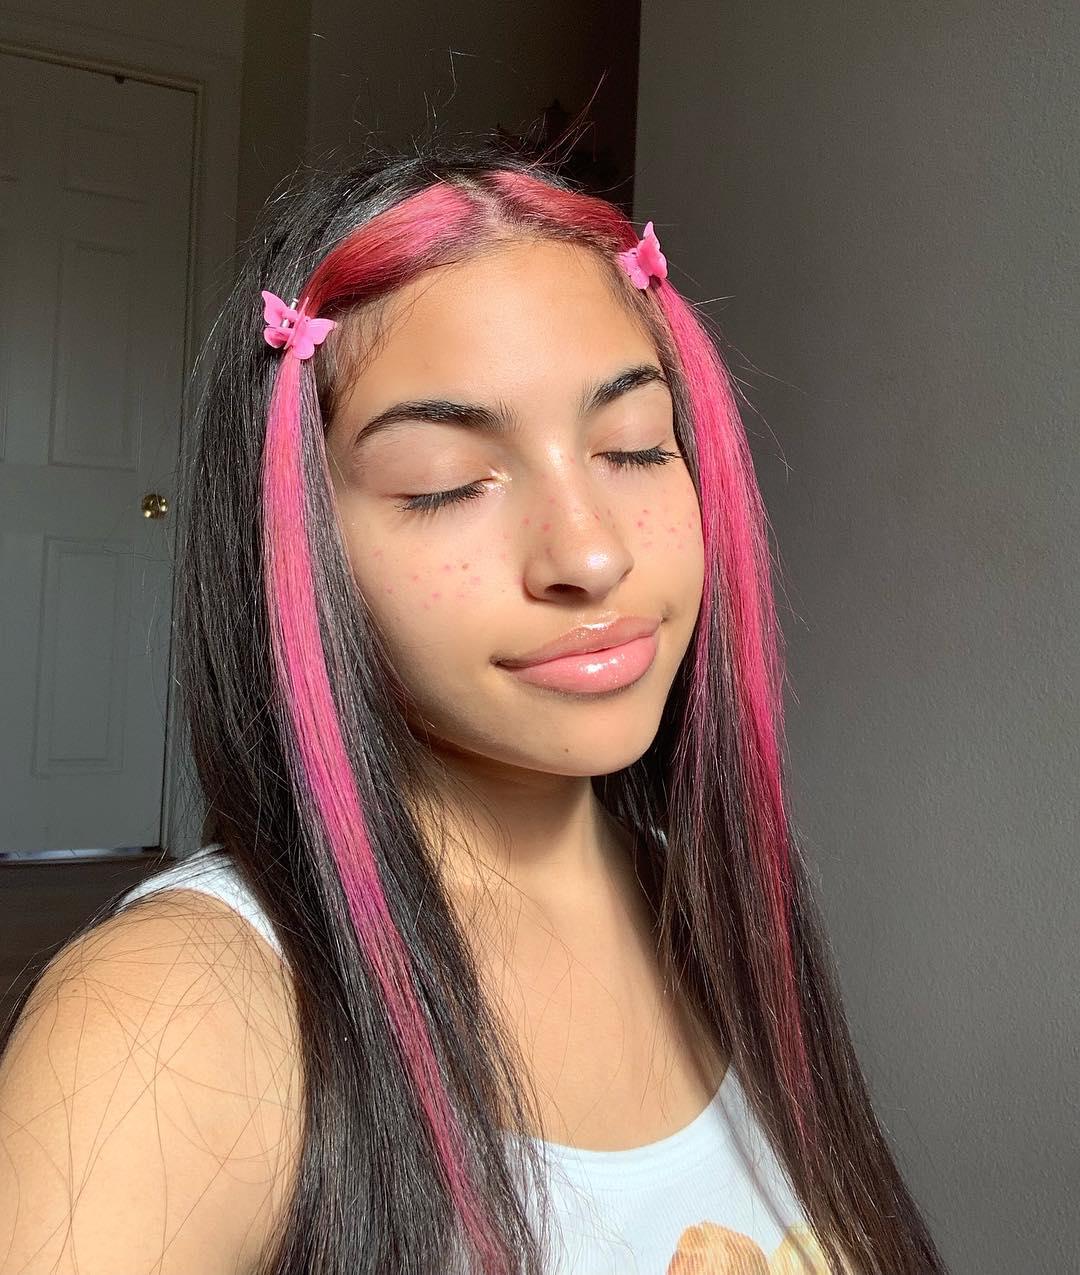 Garota sorrindo com os olhos fechados para foto. Ela está vestindo uma regata branca, gloss nos lábios e cabelo preto com mechas frontais cor-de-rosa presas em dois acessórios de borboletas.